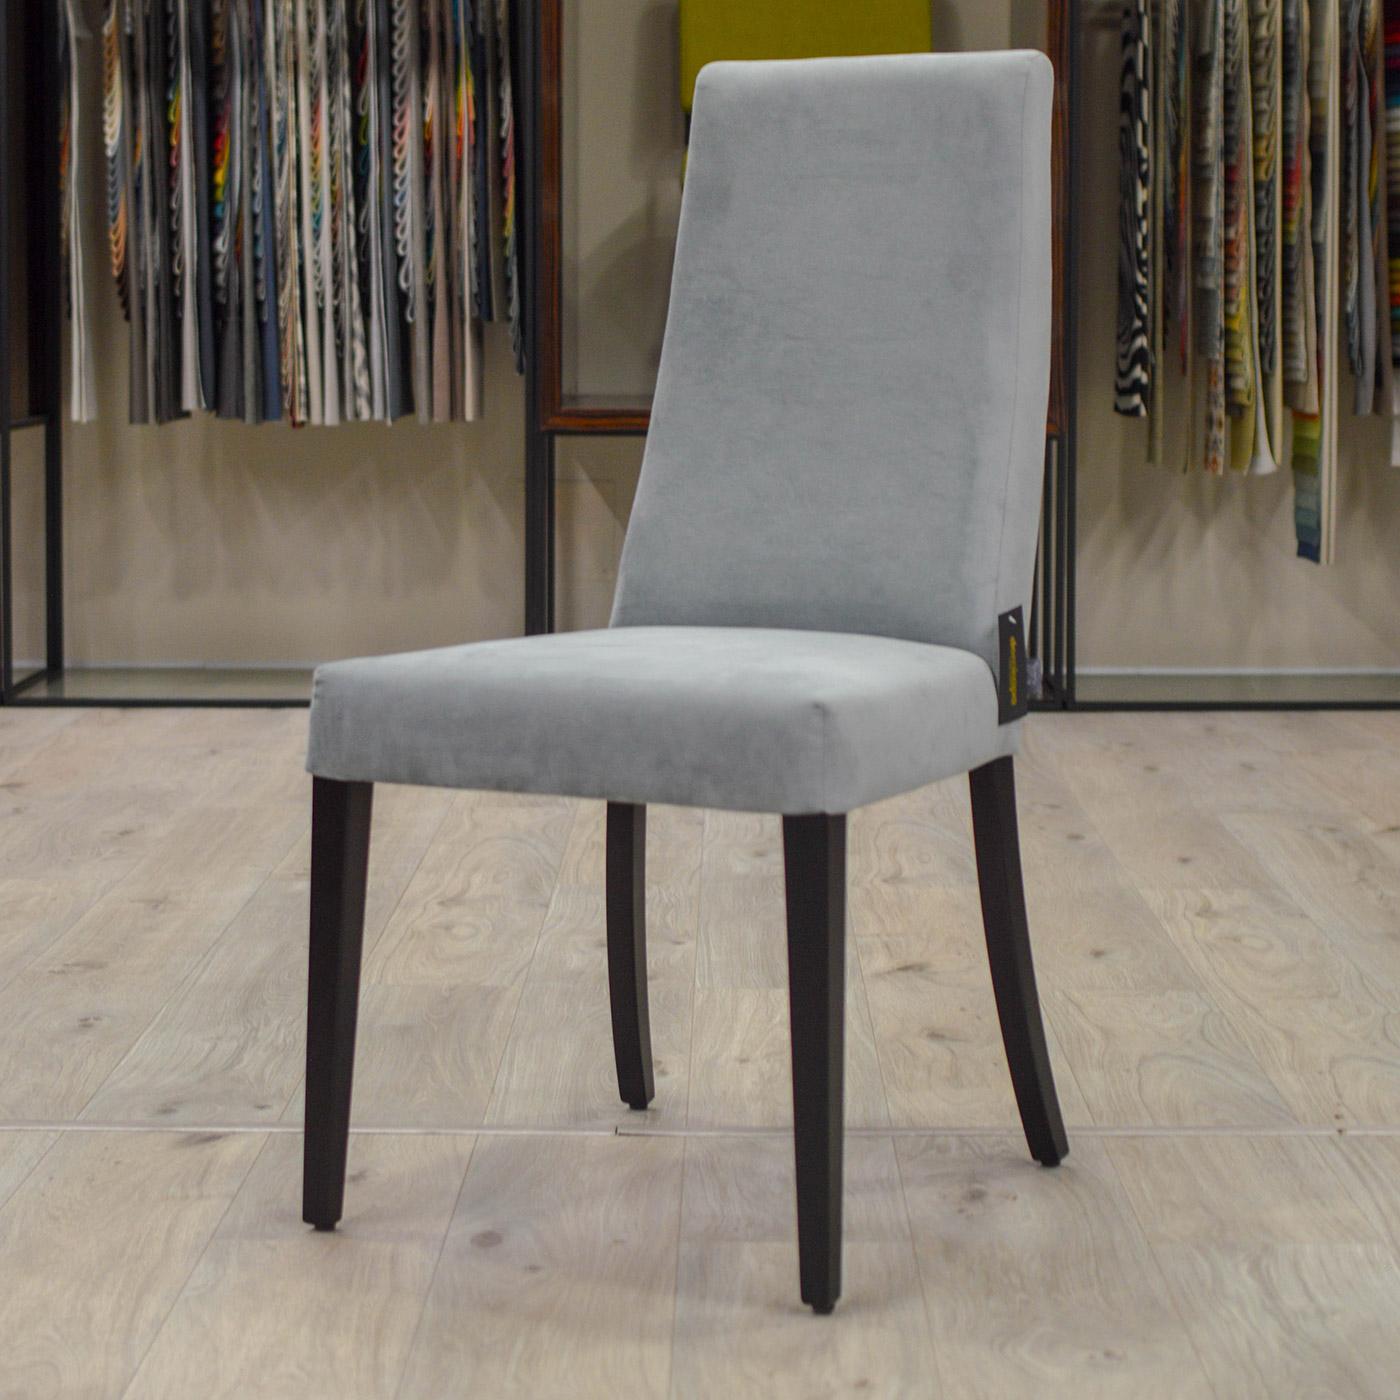 cadeiras isa-promoçoes escaldantes-domkapa